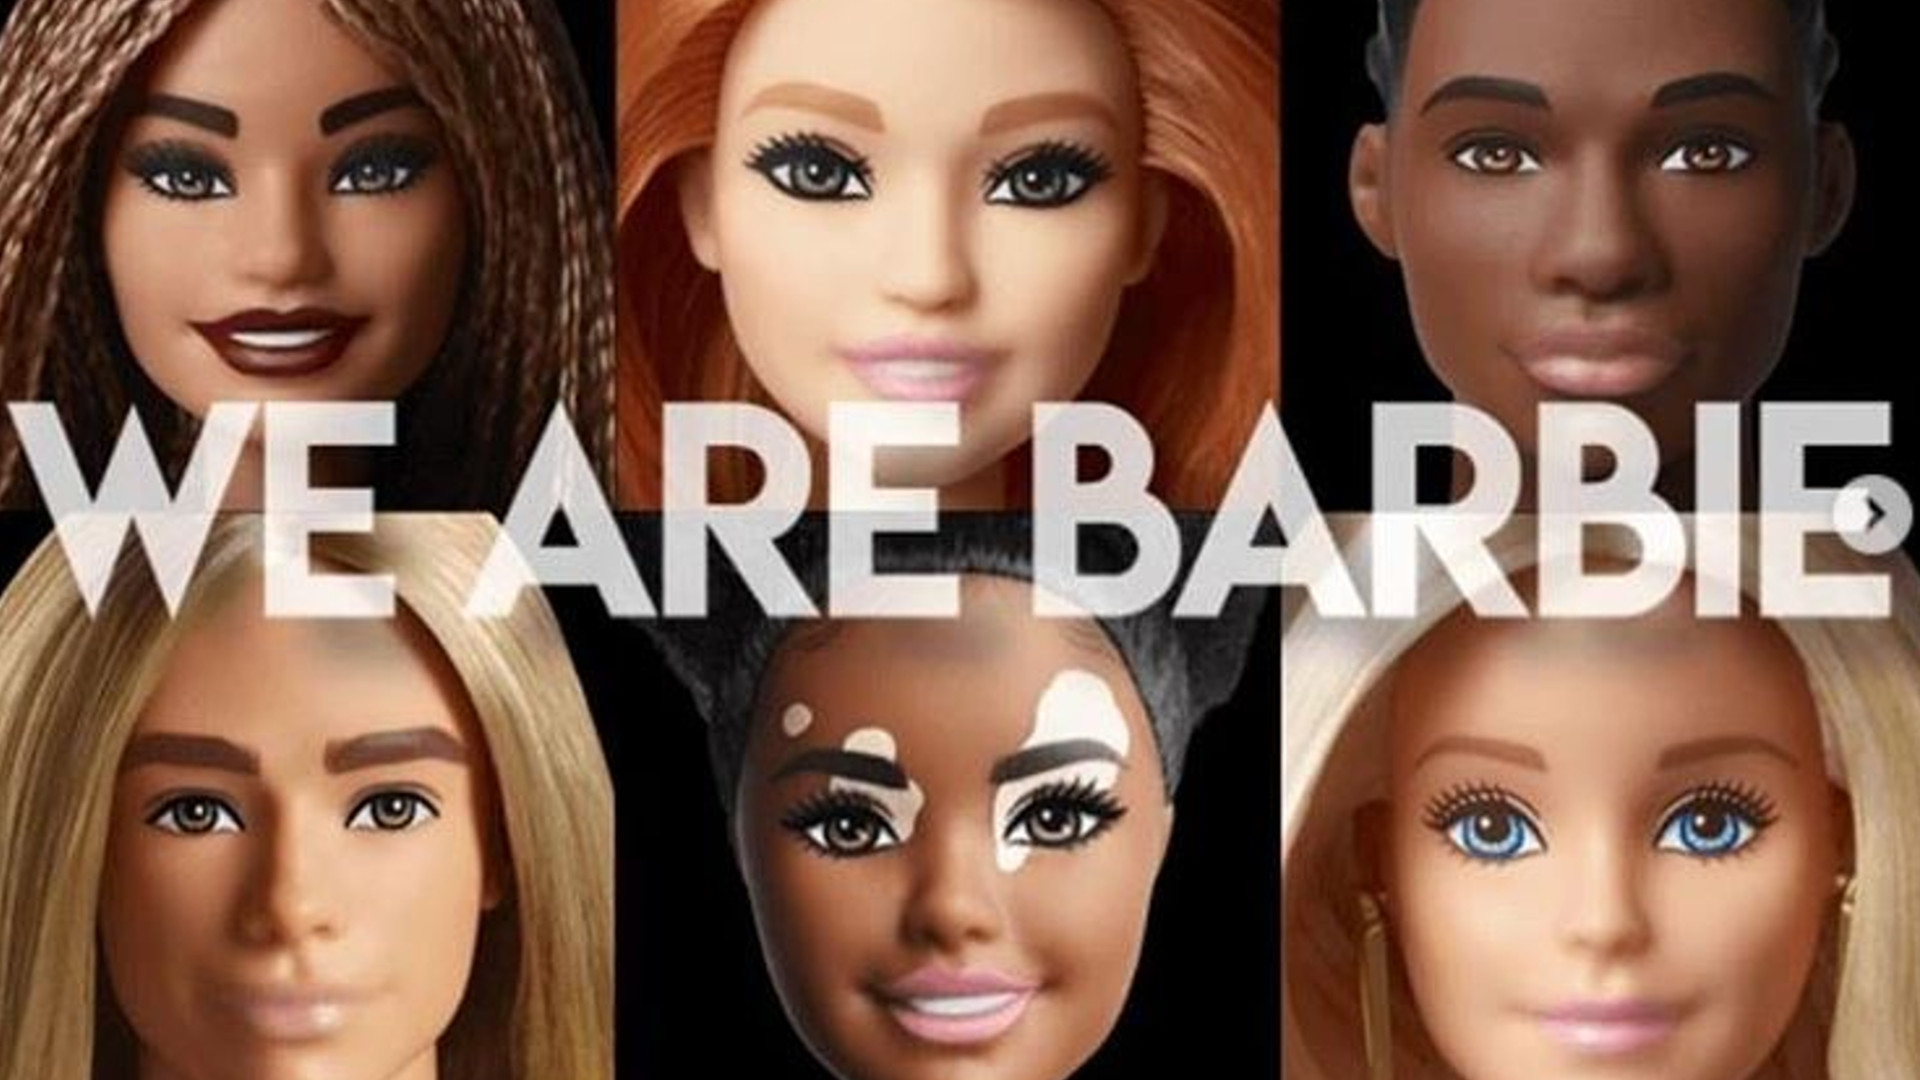 Tak wyglądają lalki Barbie Fashionistas na rok 2020. Lalka z protezą nogi, z bielactwem czy na wózku inwalidzkim?